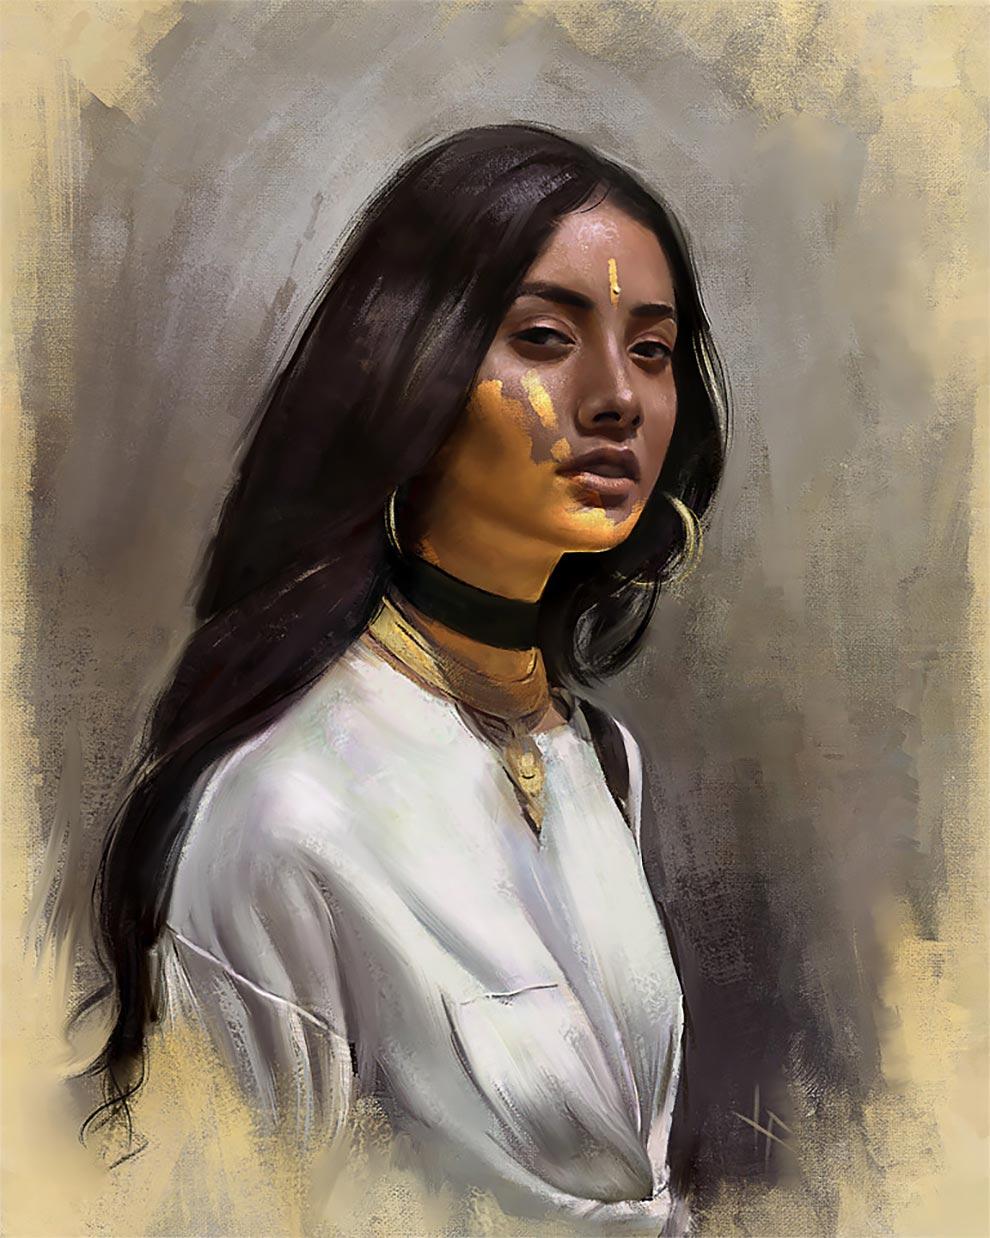 Justine Florentino Жюстин Флорентино женские портреты в иллюстрациях